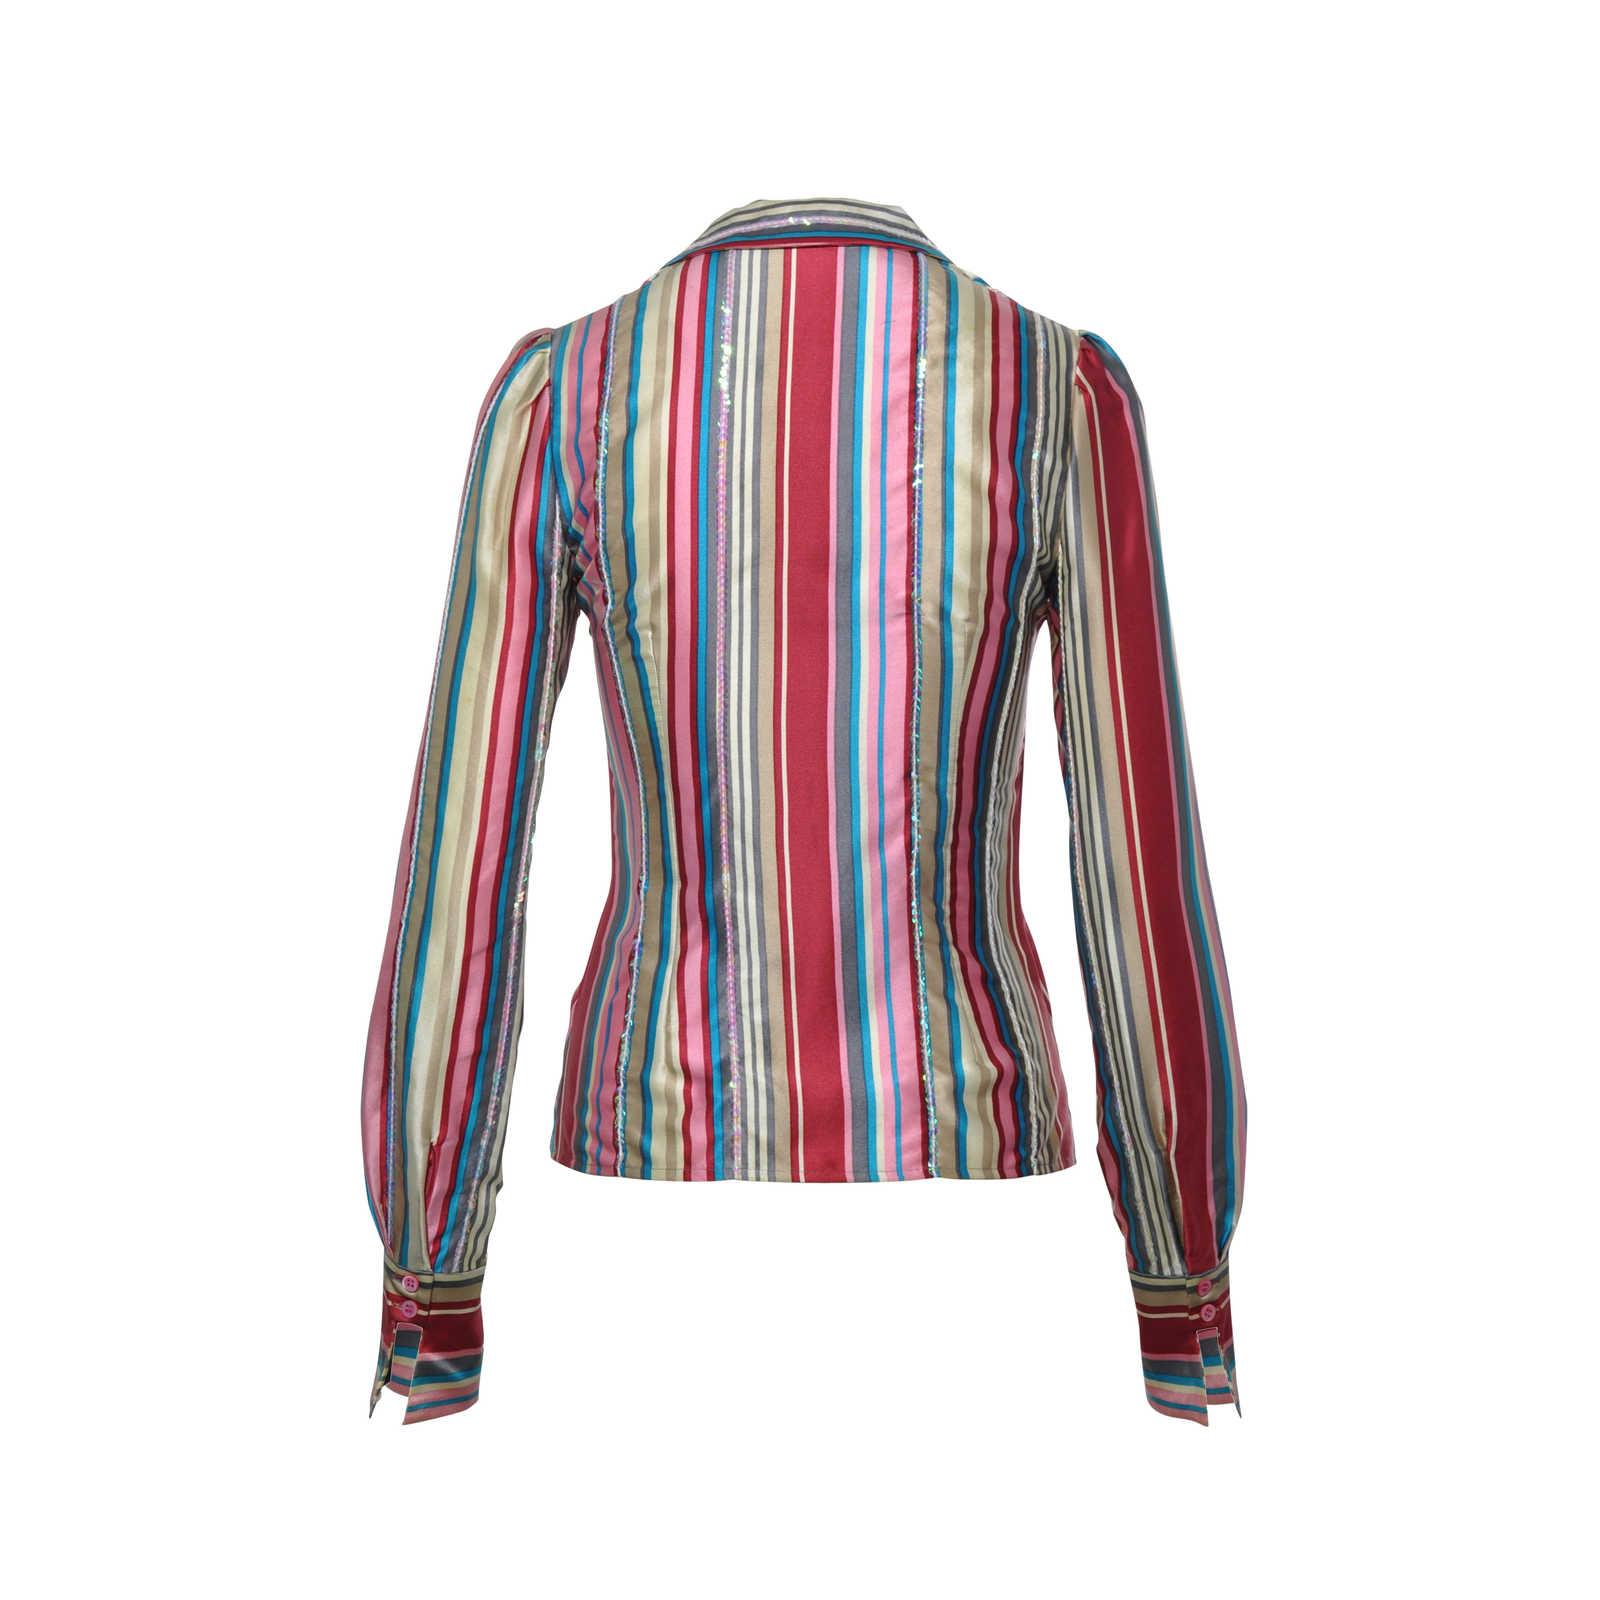 ceb77c3e6c Authentic Second Hand Chloé Sequin Stripe Shirt (PSS-265-00142 ...